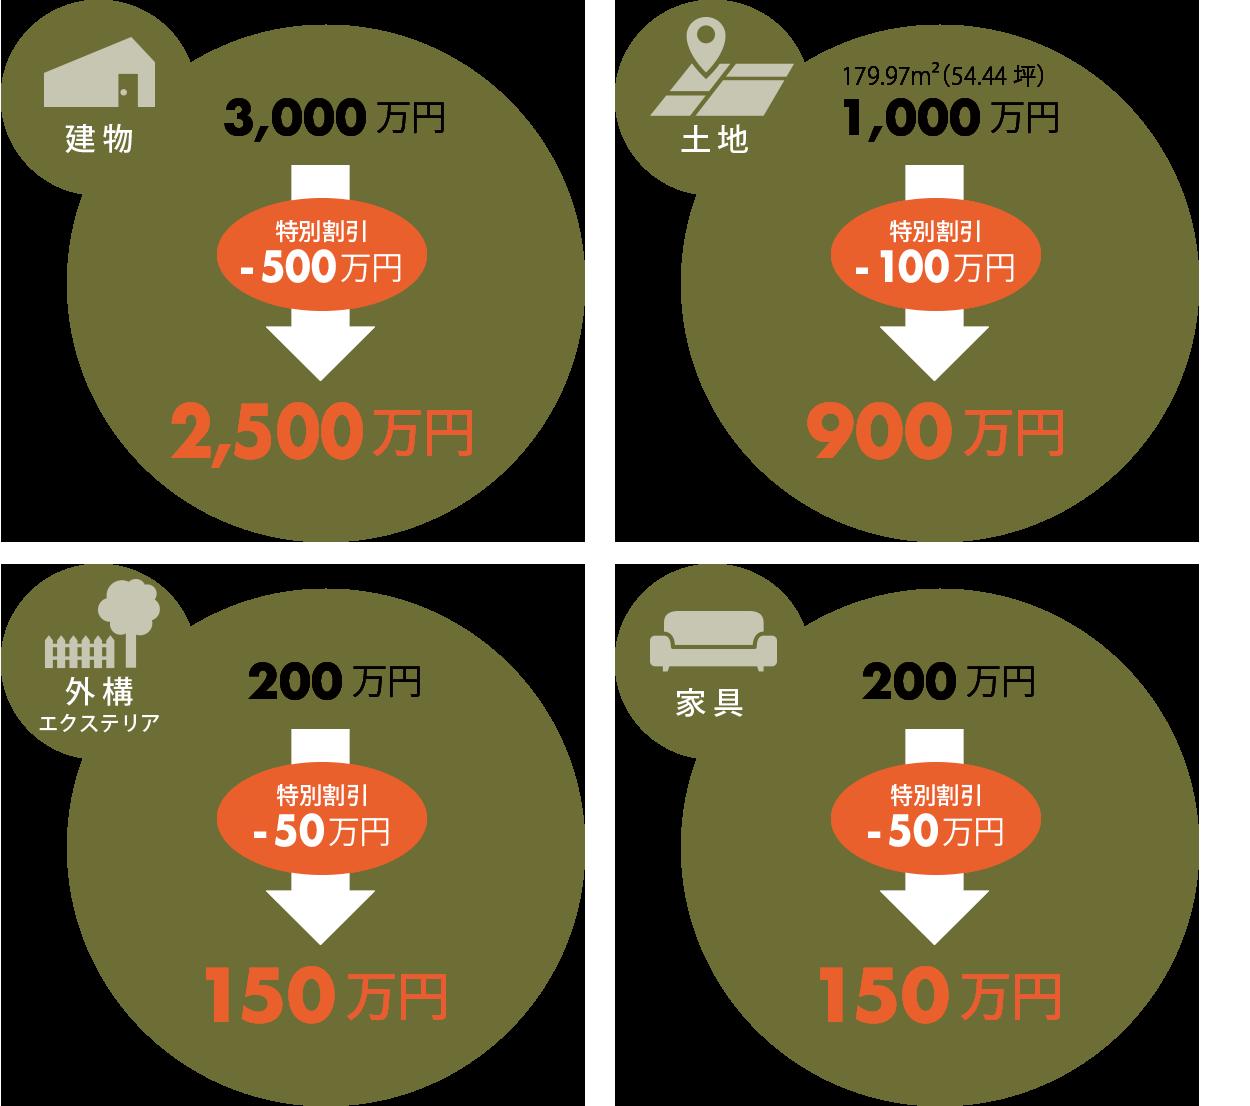 【建物】3000万円→(特別割引-500万円)=2500万円/【土地】1000万円→(特別割引-100万円)=900万円/【外構】200万円→(特別割引-50万円)=150万円/【家具一式】200万円→(特別割引-50万円)=150万円